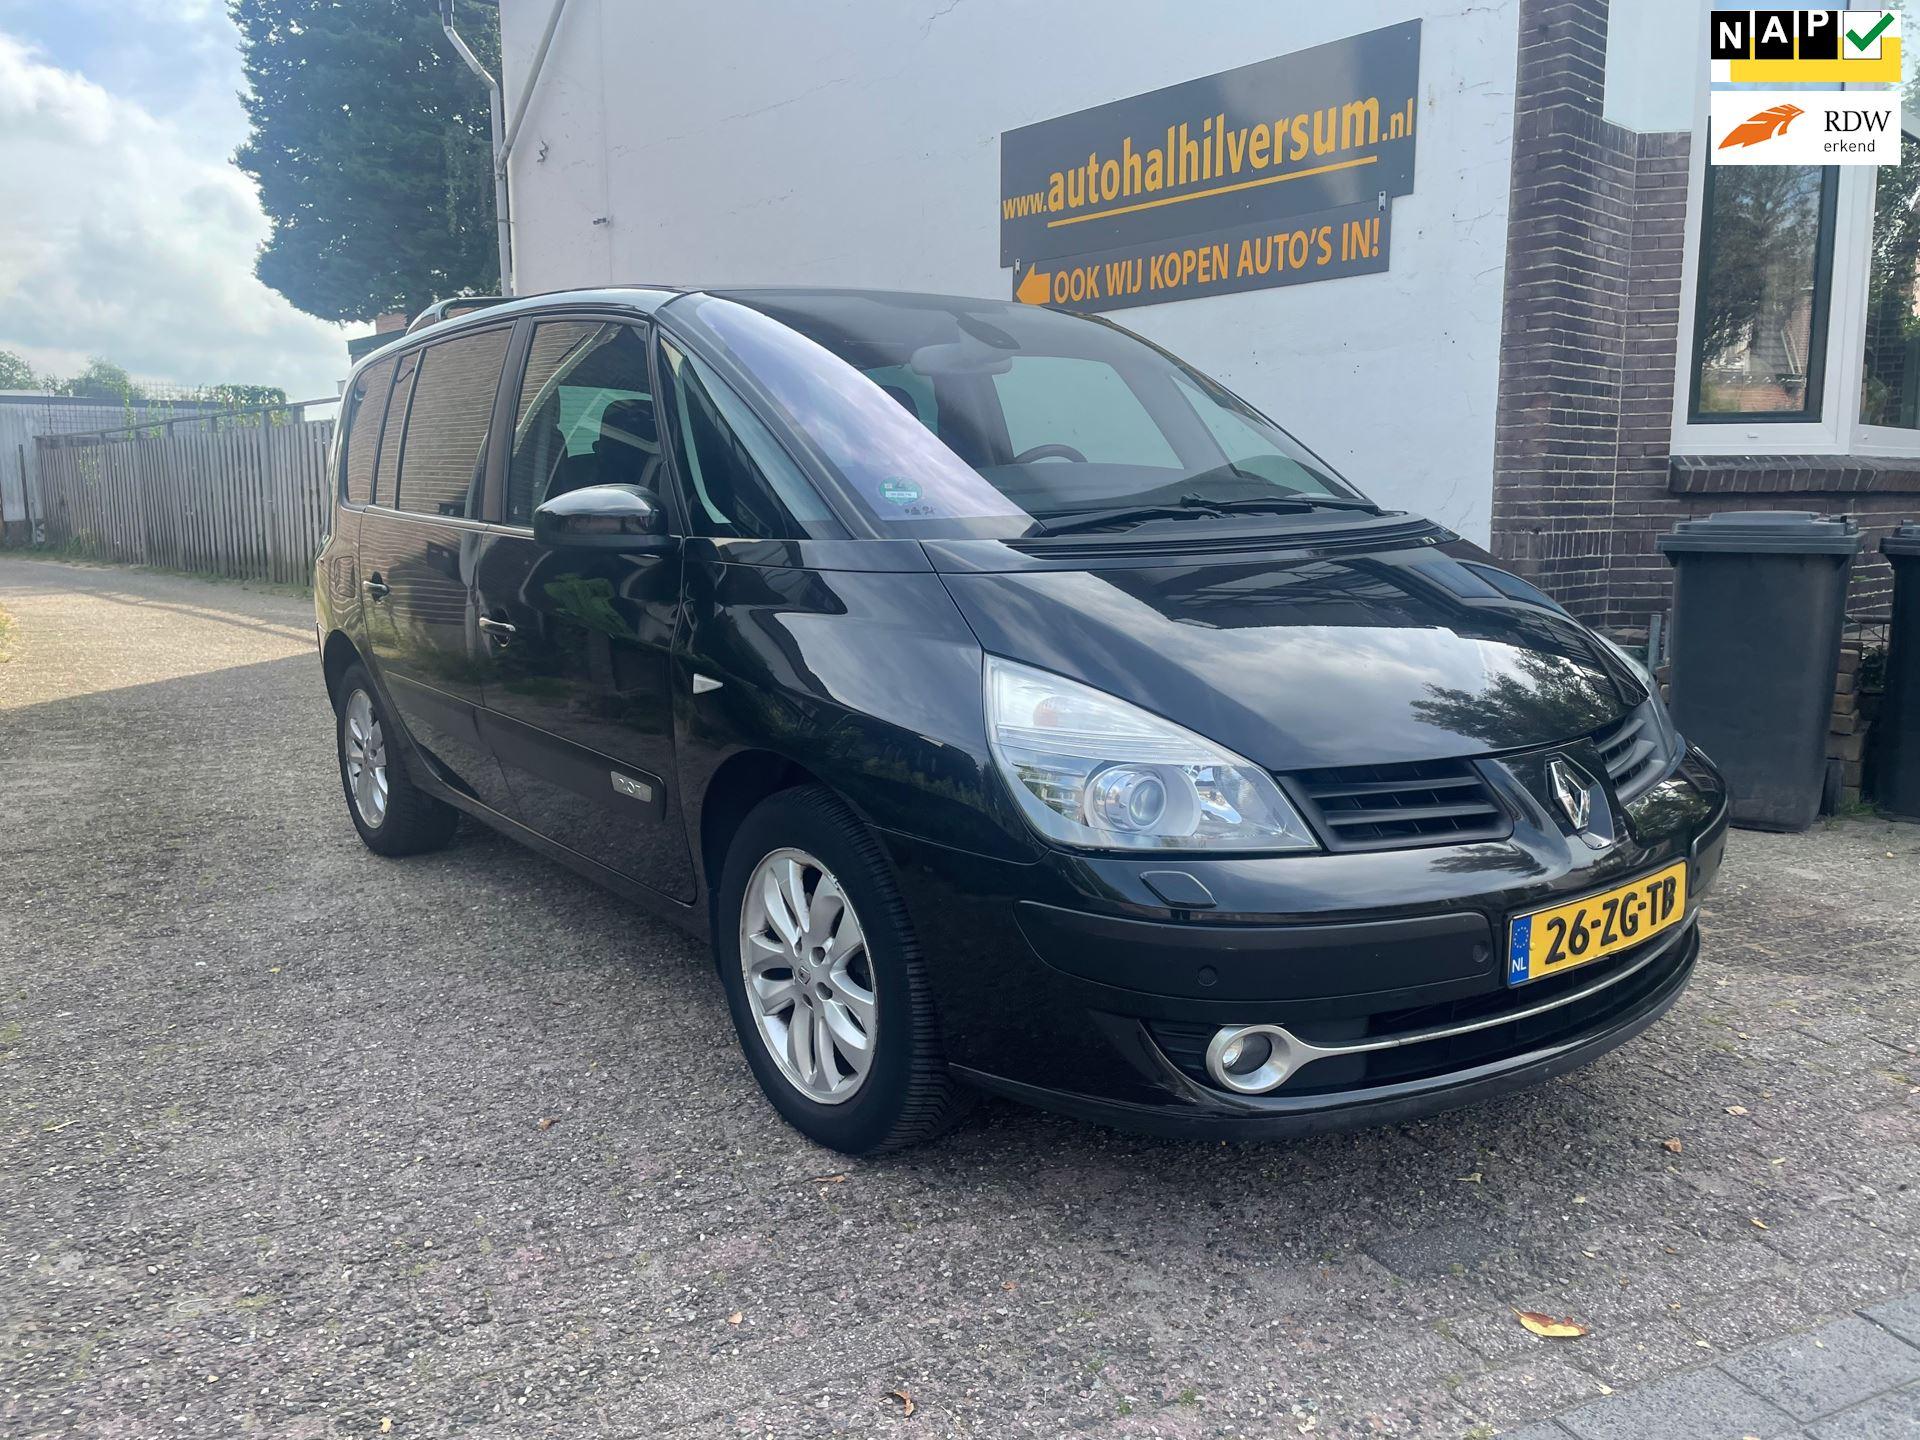 Renault Espace occasion - Autohal Hilversum